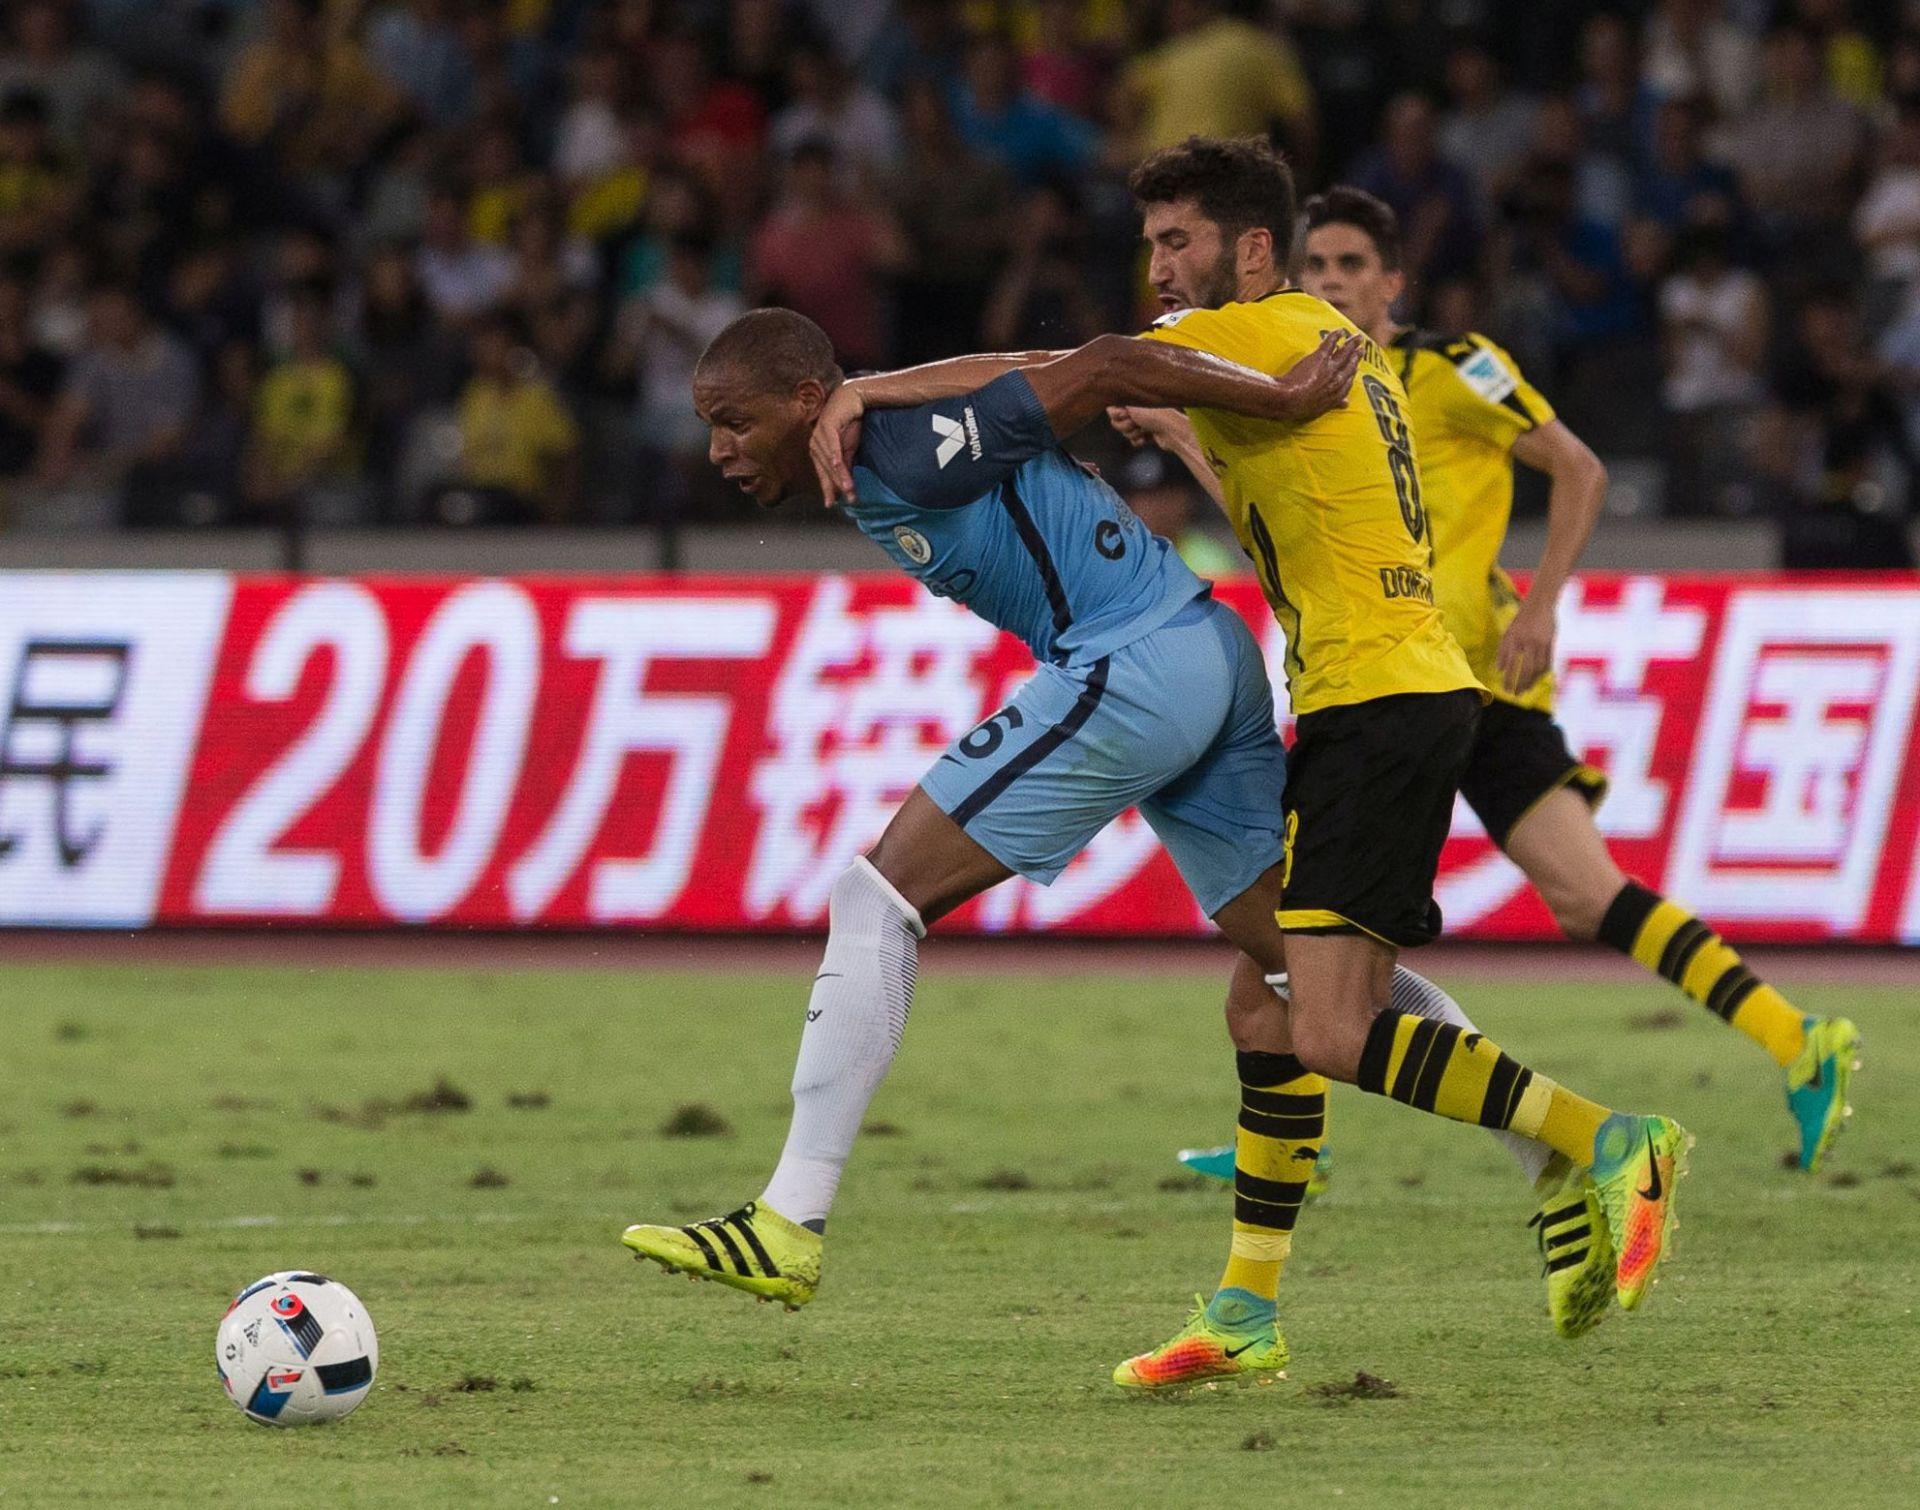 BOLJE IZVOĐENJE JEDANAESTERACA: Manchester City bolji od Borussije Dortmund